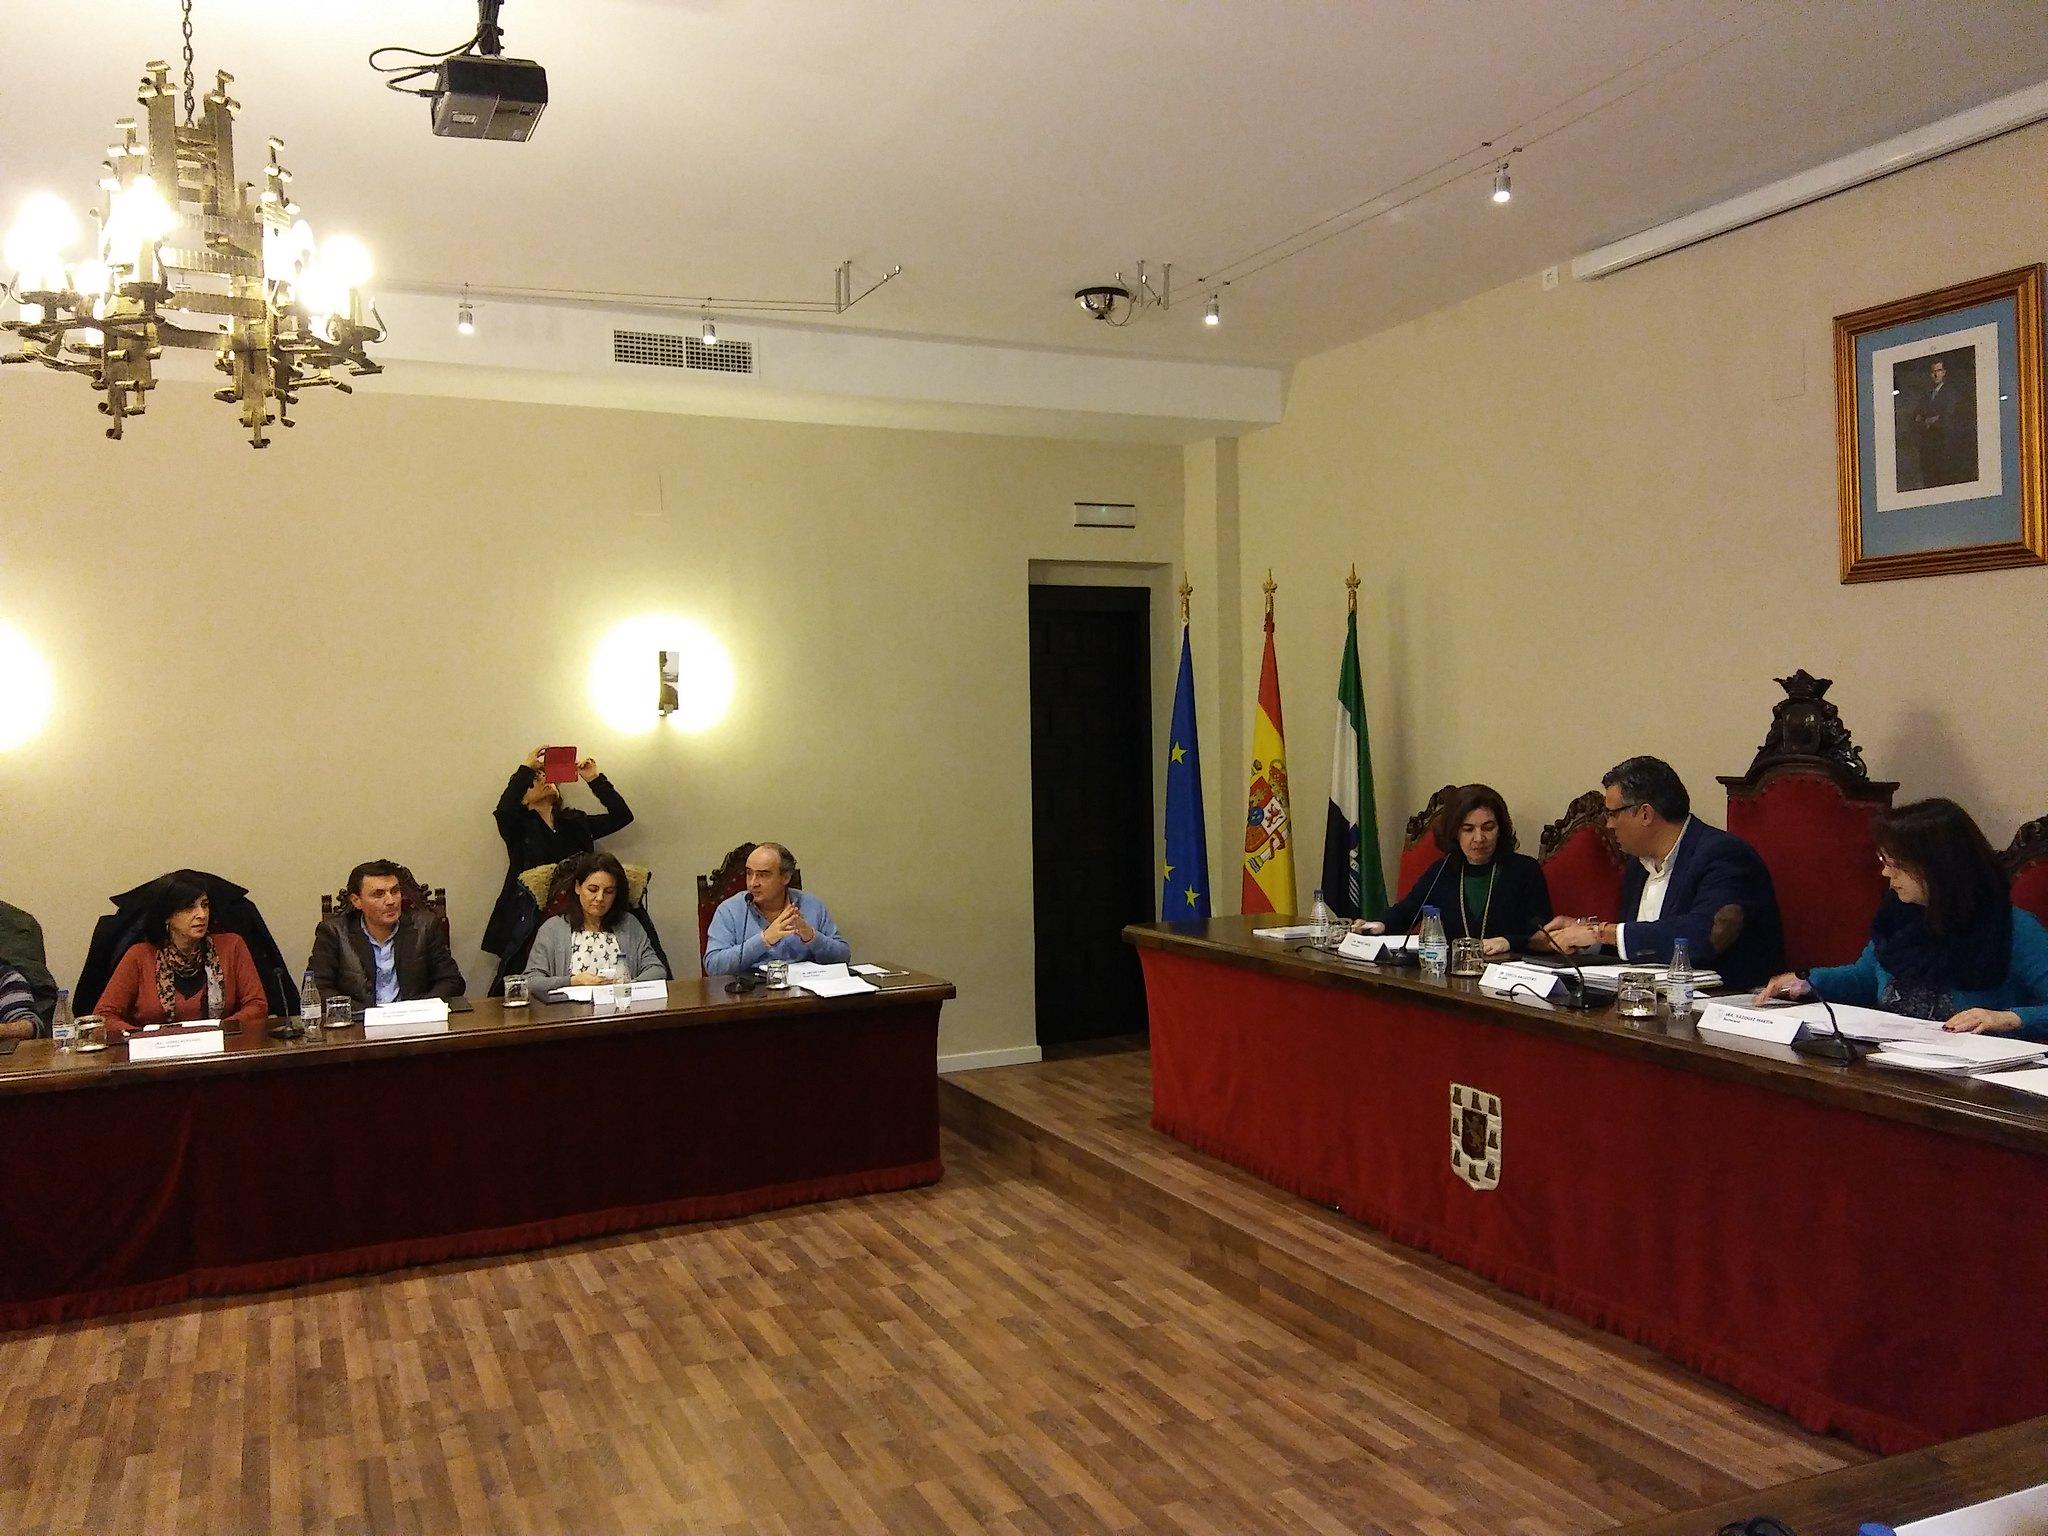 El Ayuntamiento de Coria ha aprobado el Presupuesto General del ejercicio 2017 que asciende a 13.454.982,50 Euros